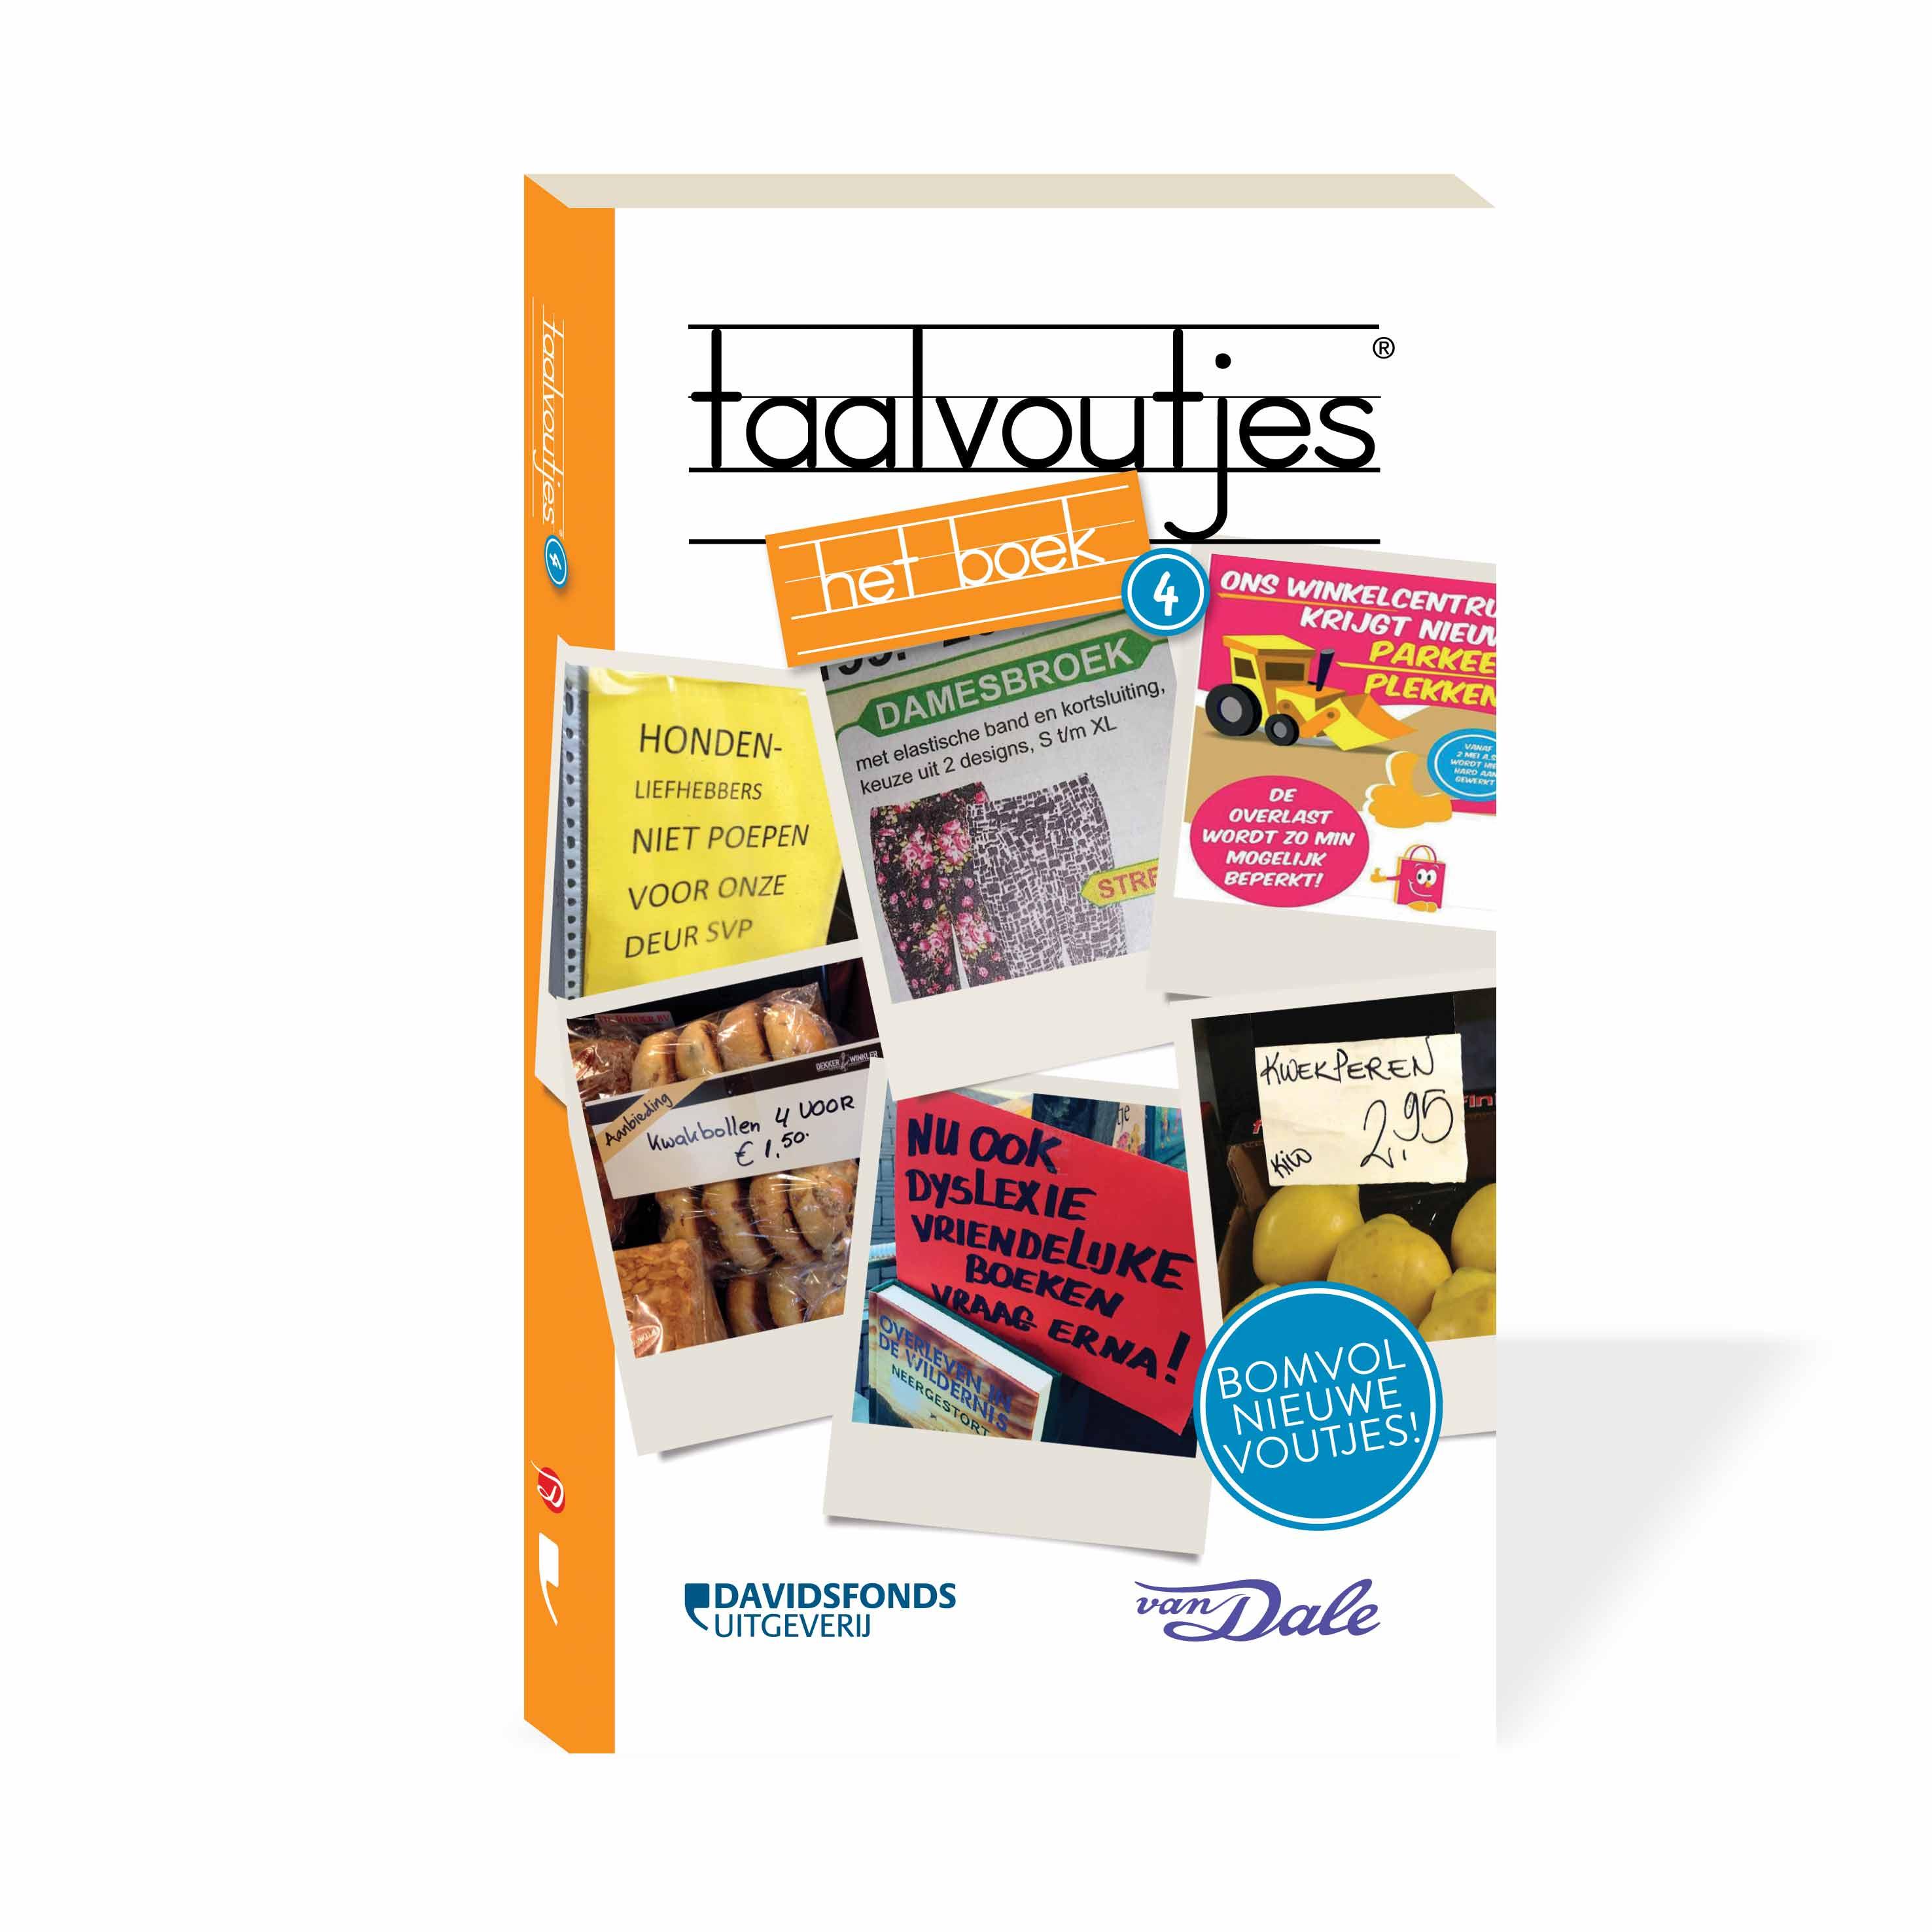 Taalvoutjes - het boek 4